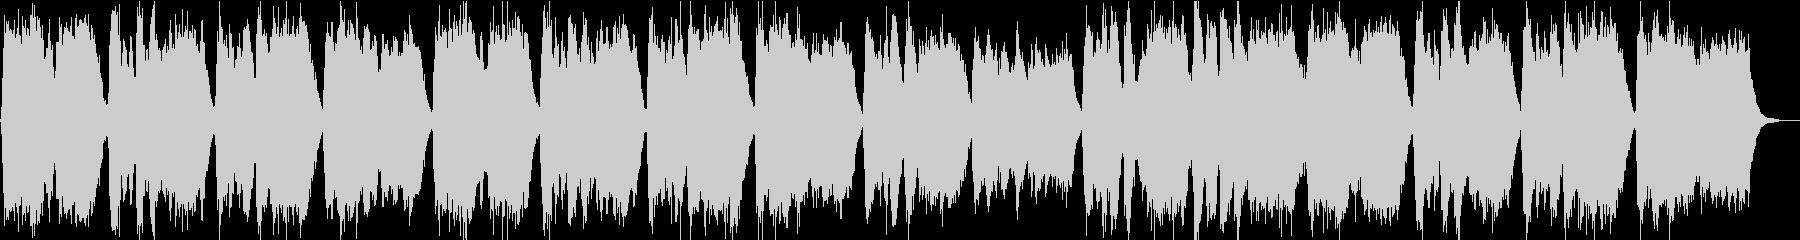 表彰式の定番曲・ヘンデルの得賞歌の未再生の波形